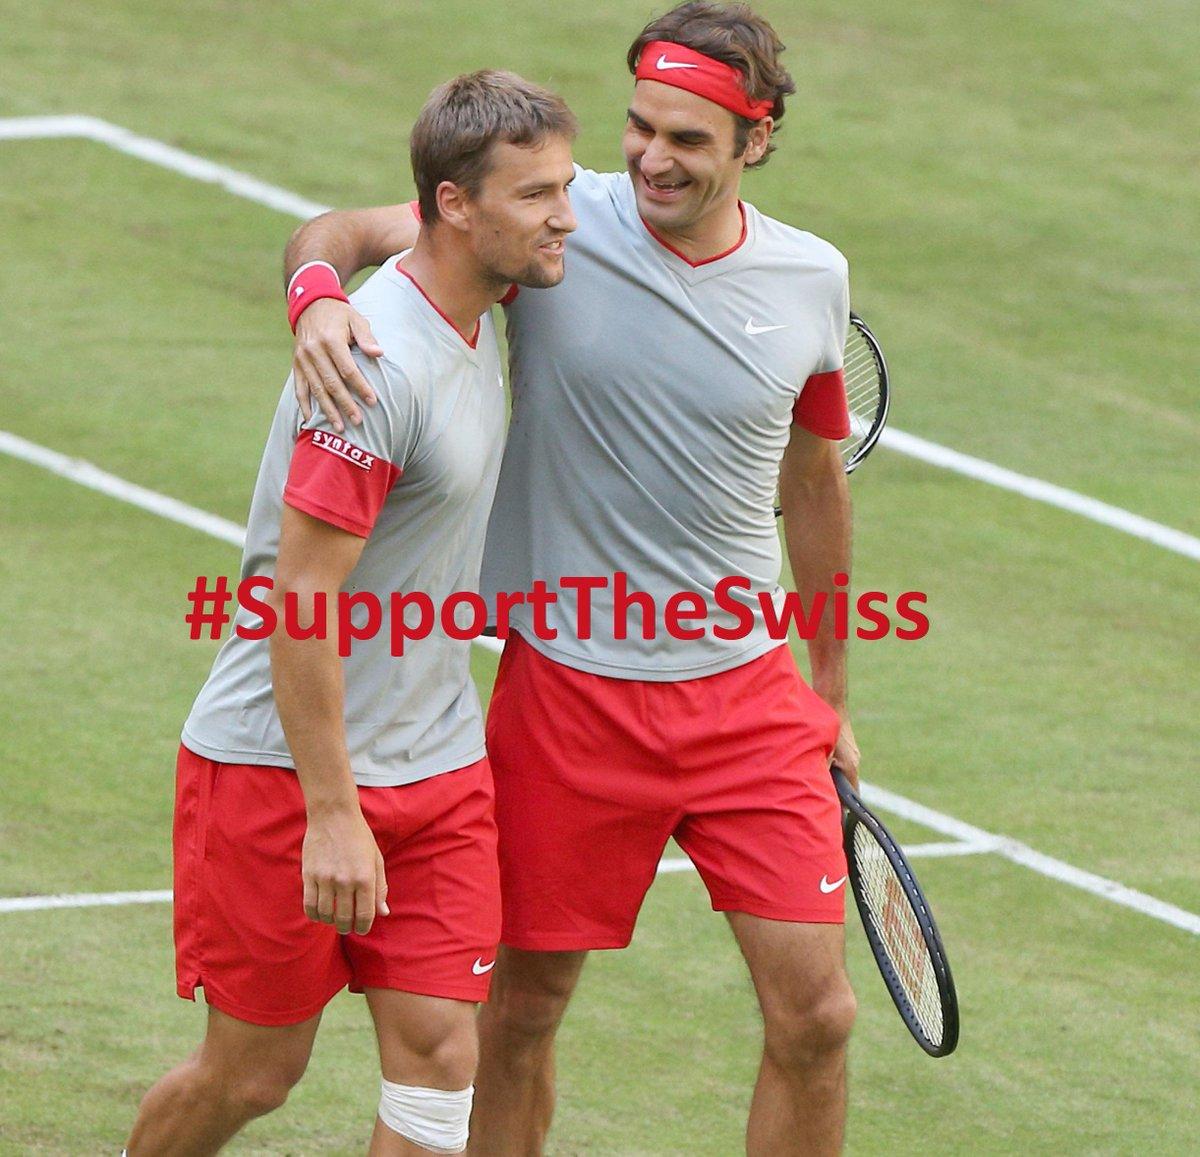 Roger Federer: Embedded Image Permalink